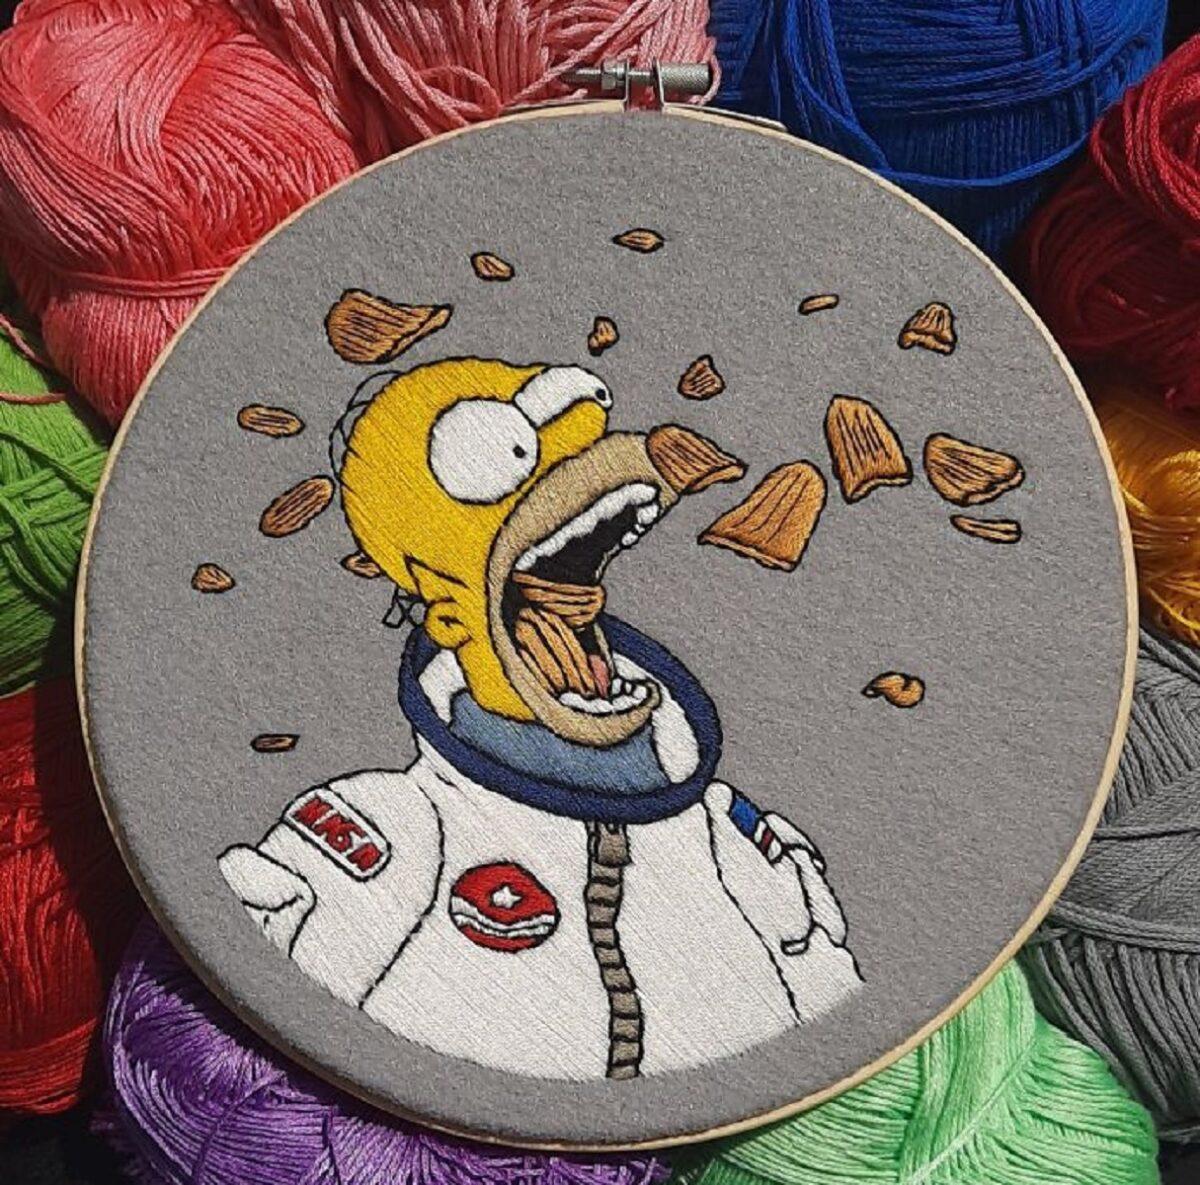 Artista Gabriela Martinez cria bordados de cenas de Os Simpsons 2